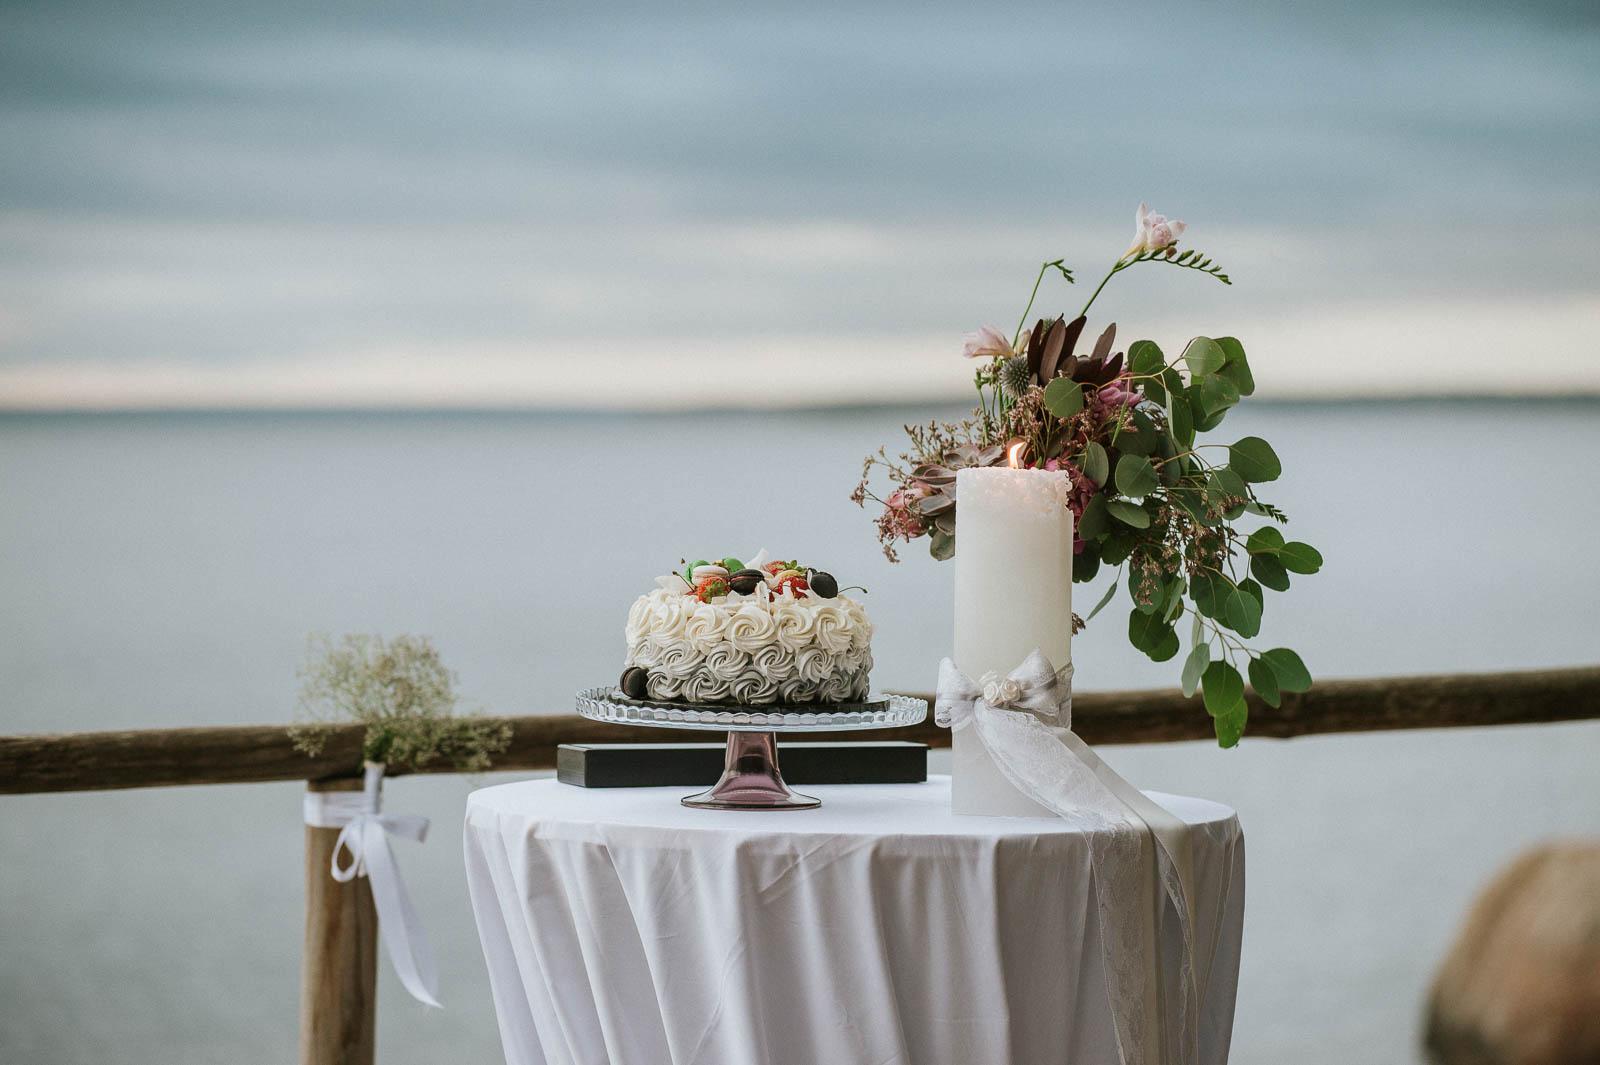 mari-liis-rannes-wedding-pulm-pulmafotograaf-mait-juriado-38